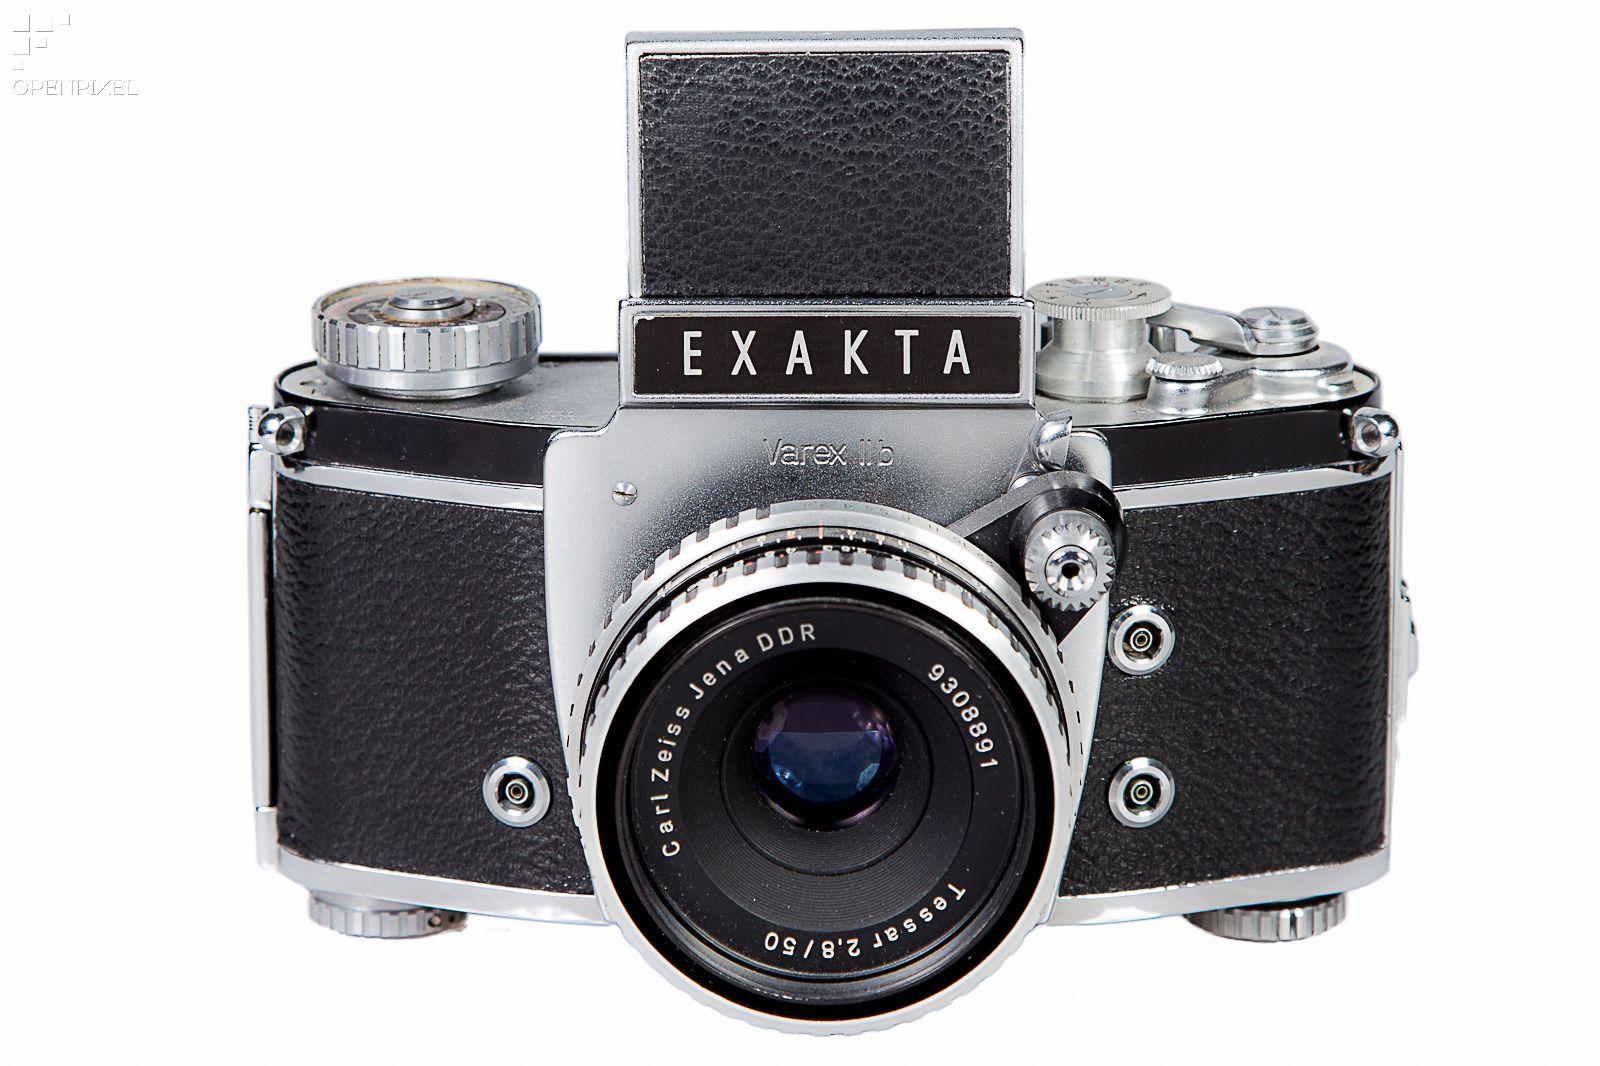 Die Exakta Varex II b ist die Nachfolgerin der legendären Kina Exakta und besitz als erste Kleinbildspiegelreflexkamera einen Wechselsucher.